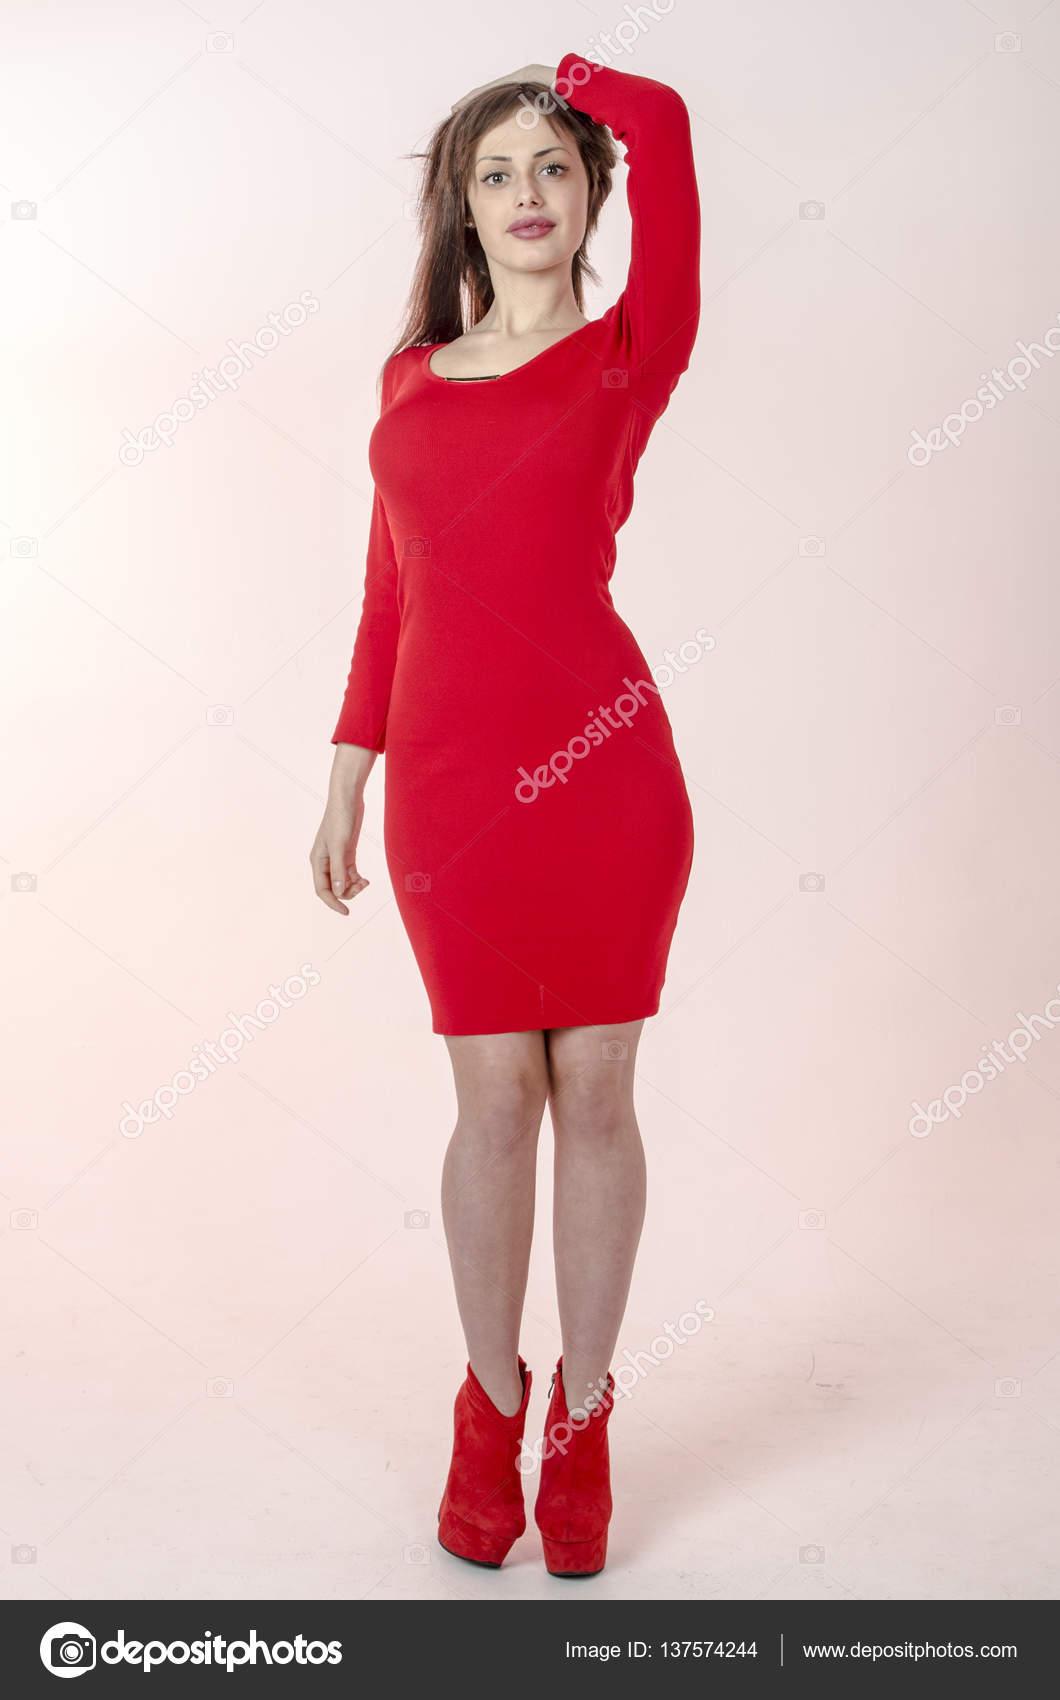 bf54d532f3fcbd Jong meisje met een mooi figuur in een trendy rode jurk in nauwsluitende  minirok en rode hoge hakken en platform gekleed voor een partij — Foto van  rogkoff